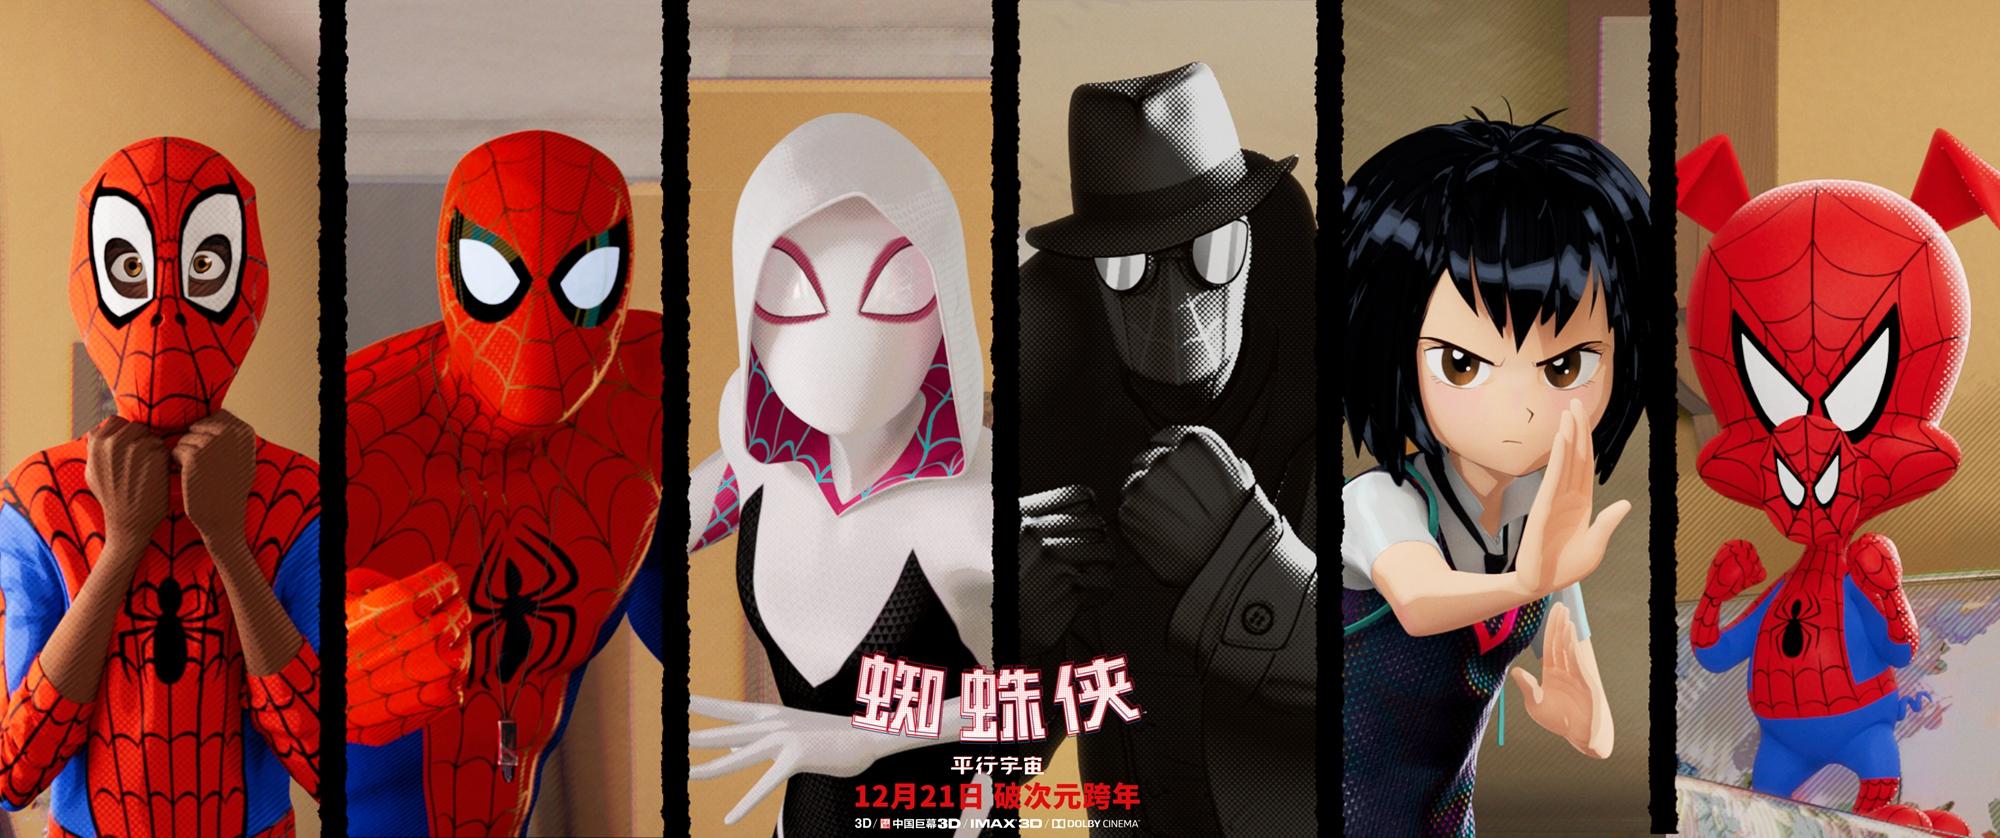 六位蜘蛛俠銀幕首次同框,共同對抗最強反派 2